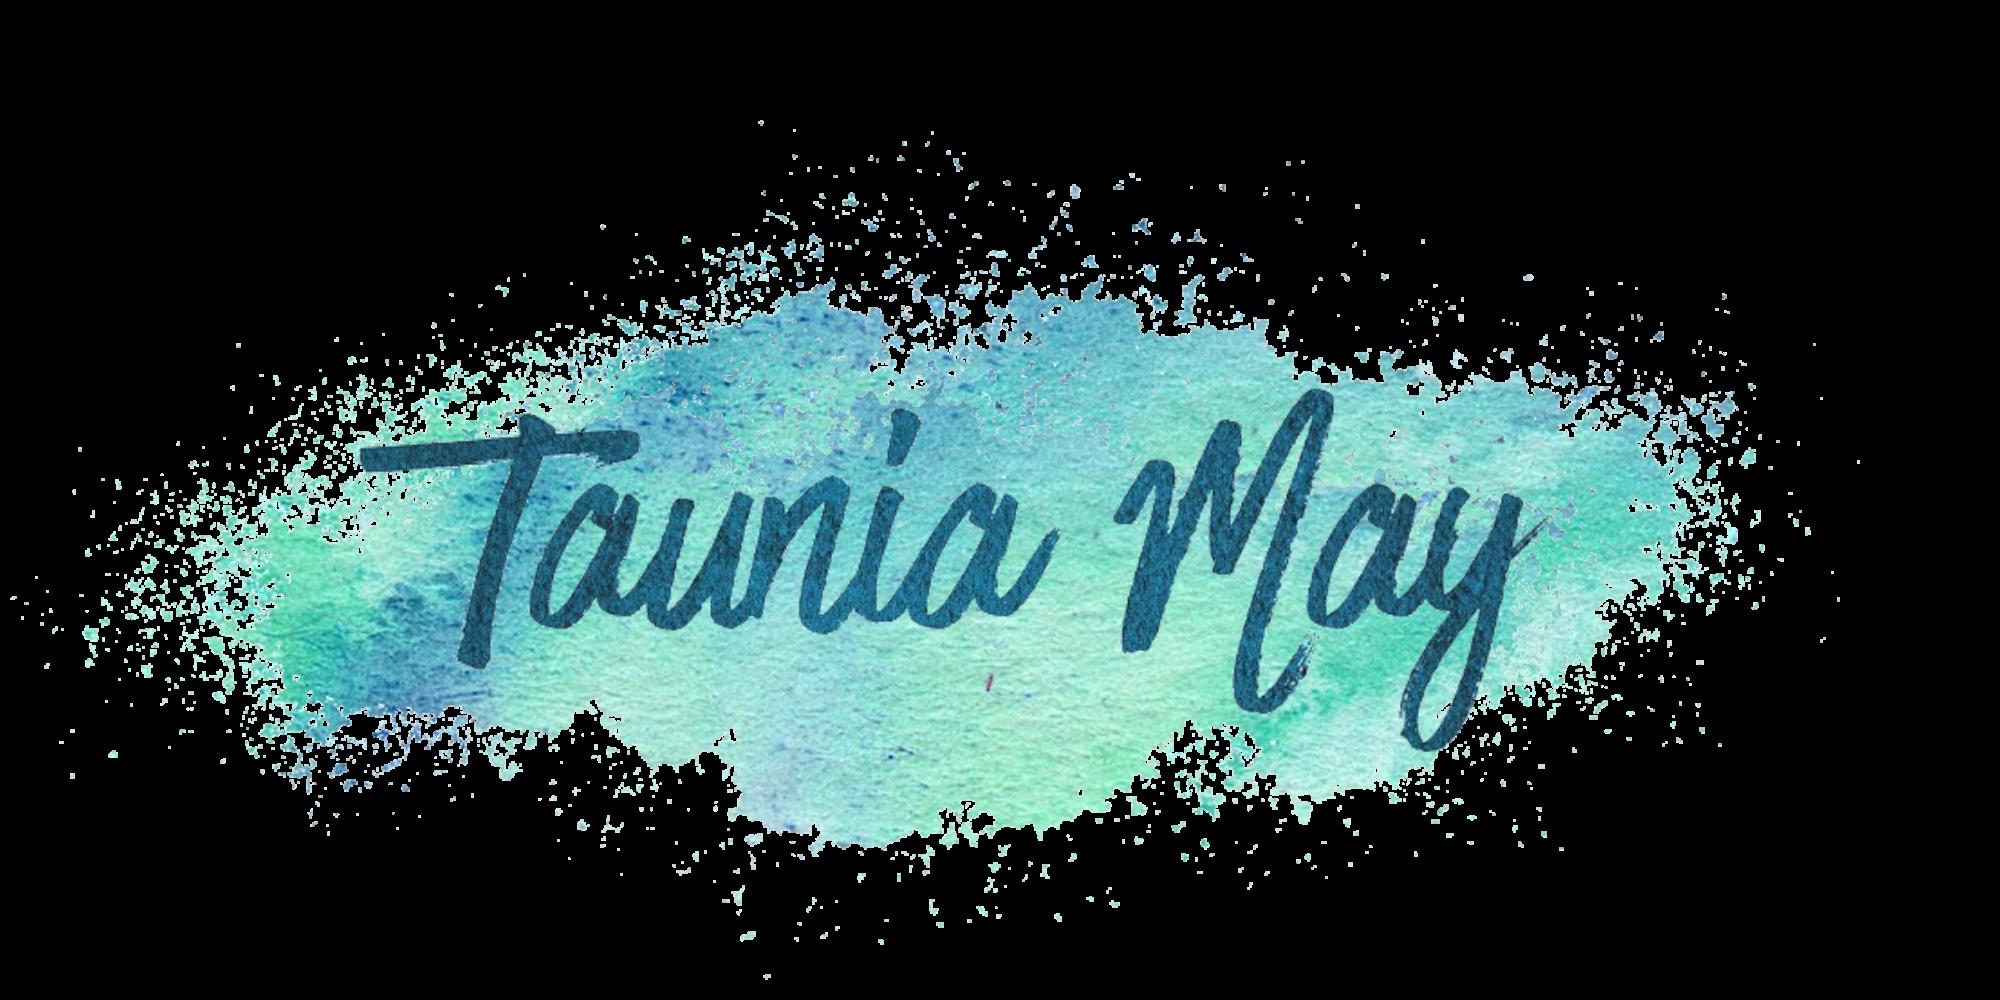 Taunia May